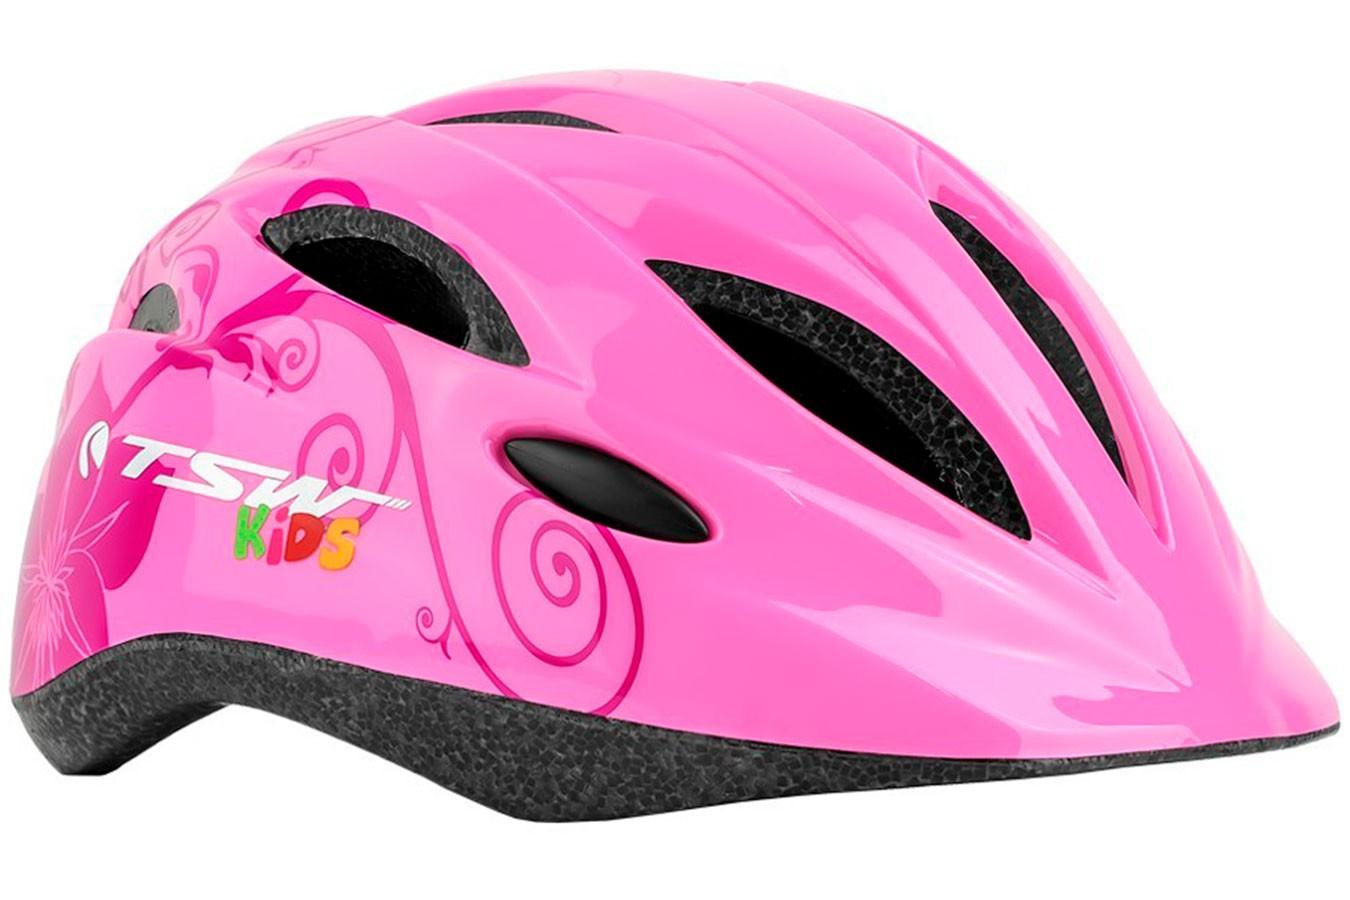 e5eeb3884 Capacete Ciclista Infantil MTB KIDS New Y-01 Rosa - TSW